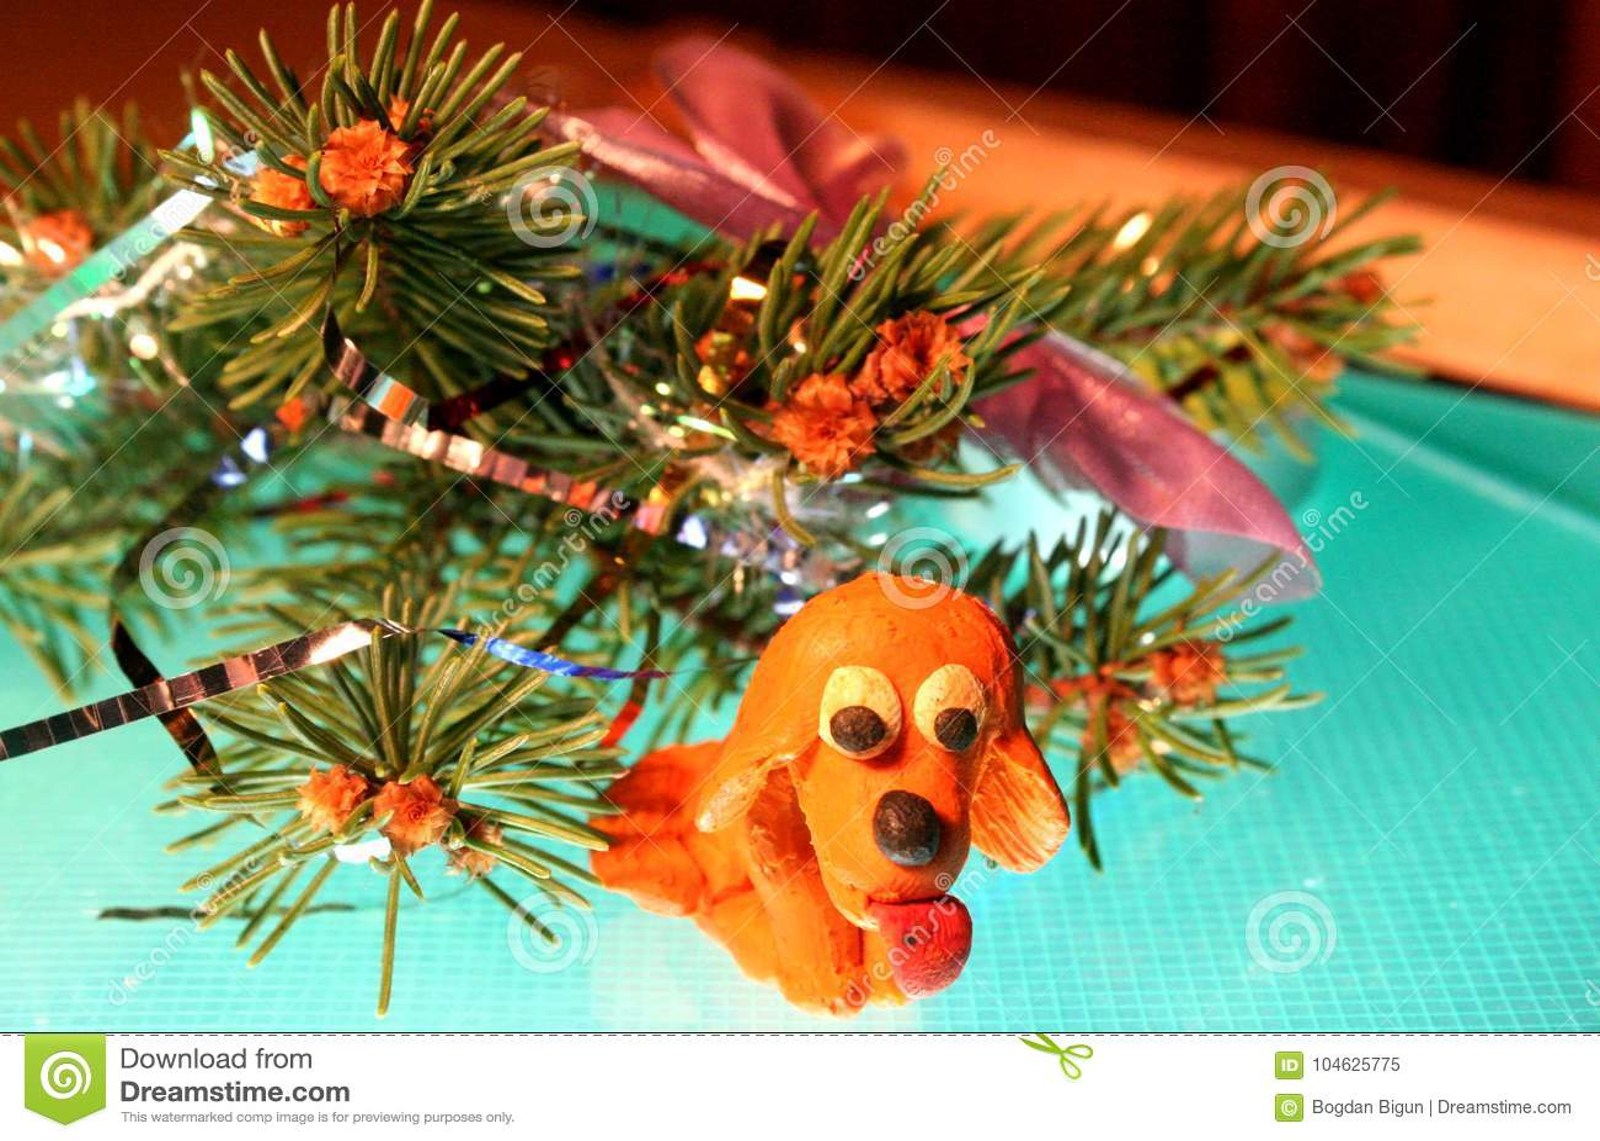 Download De gele hond is plasticine stock afbeelding. Afbeelding bestaande uit geel - 104625775